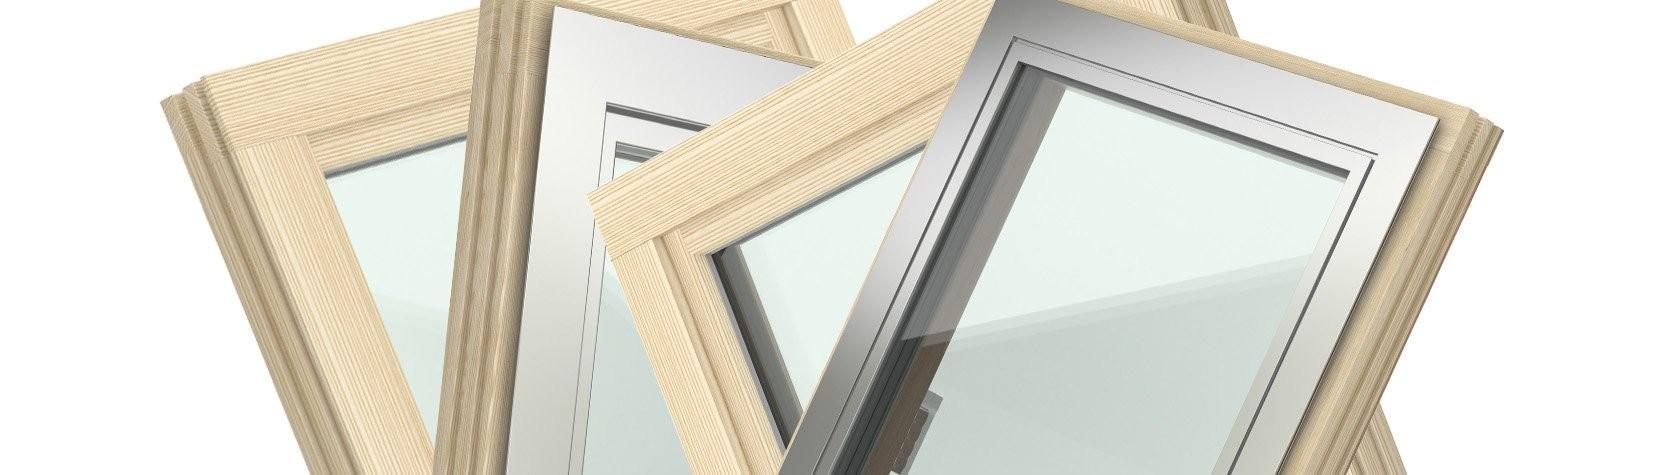 Alu les okna - kvaliteta, dolga življenjska doba in sodoben videz